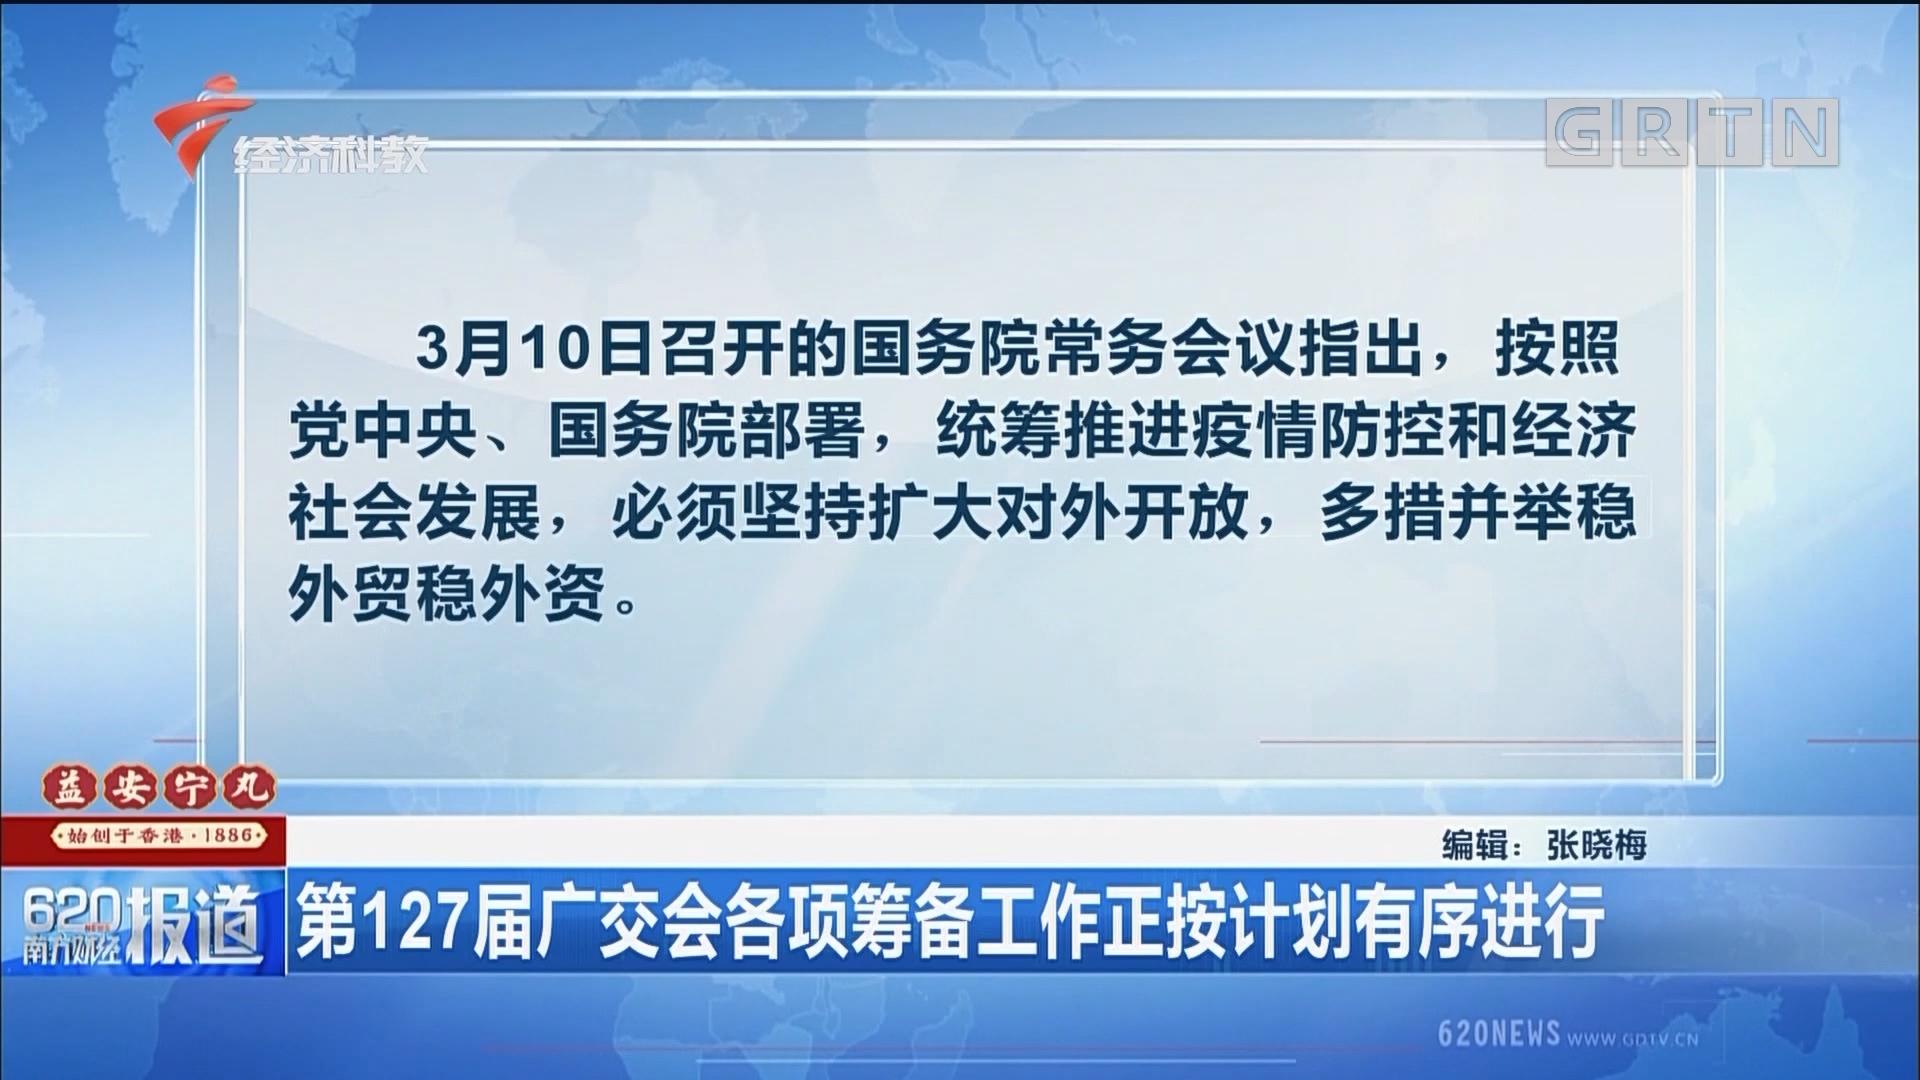 第127届广交会各项筹备工作正按计划有序进行